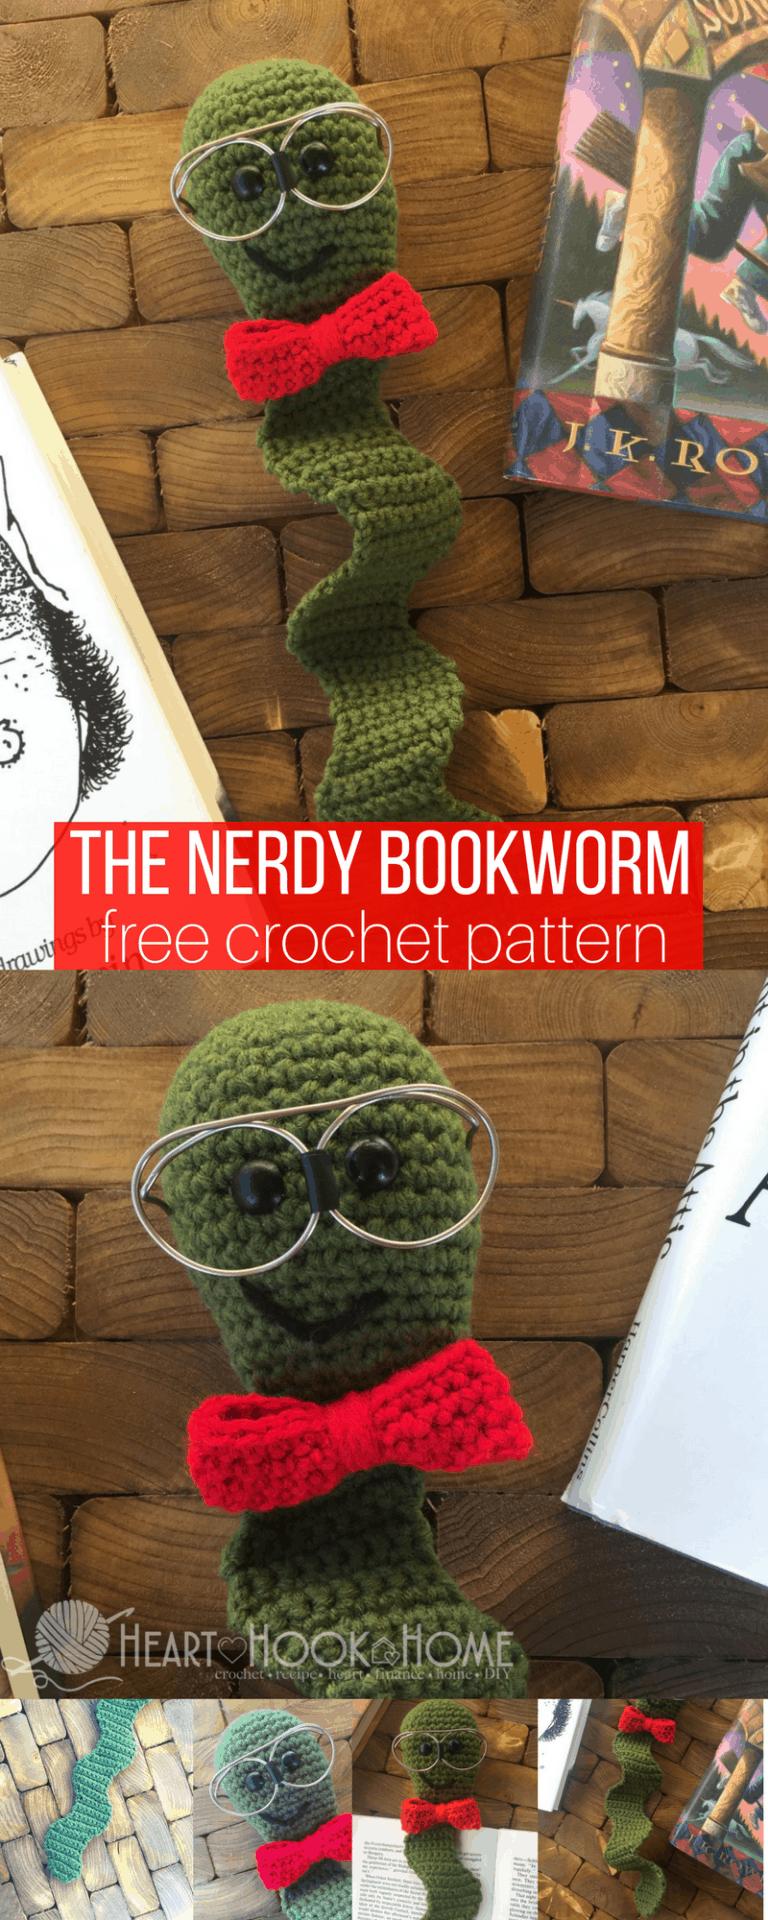 The Nerdy Bookworm Crochet Pattern